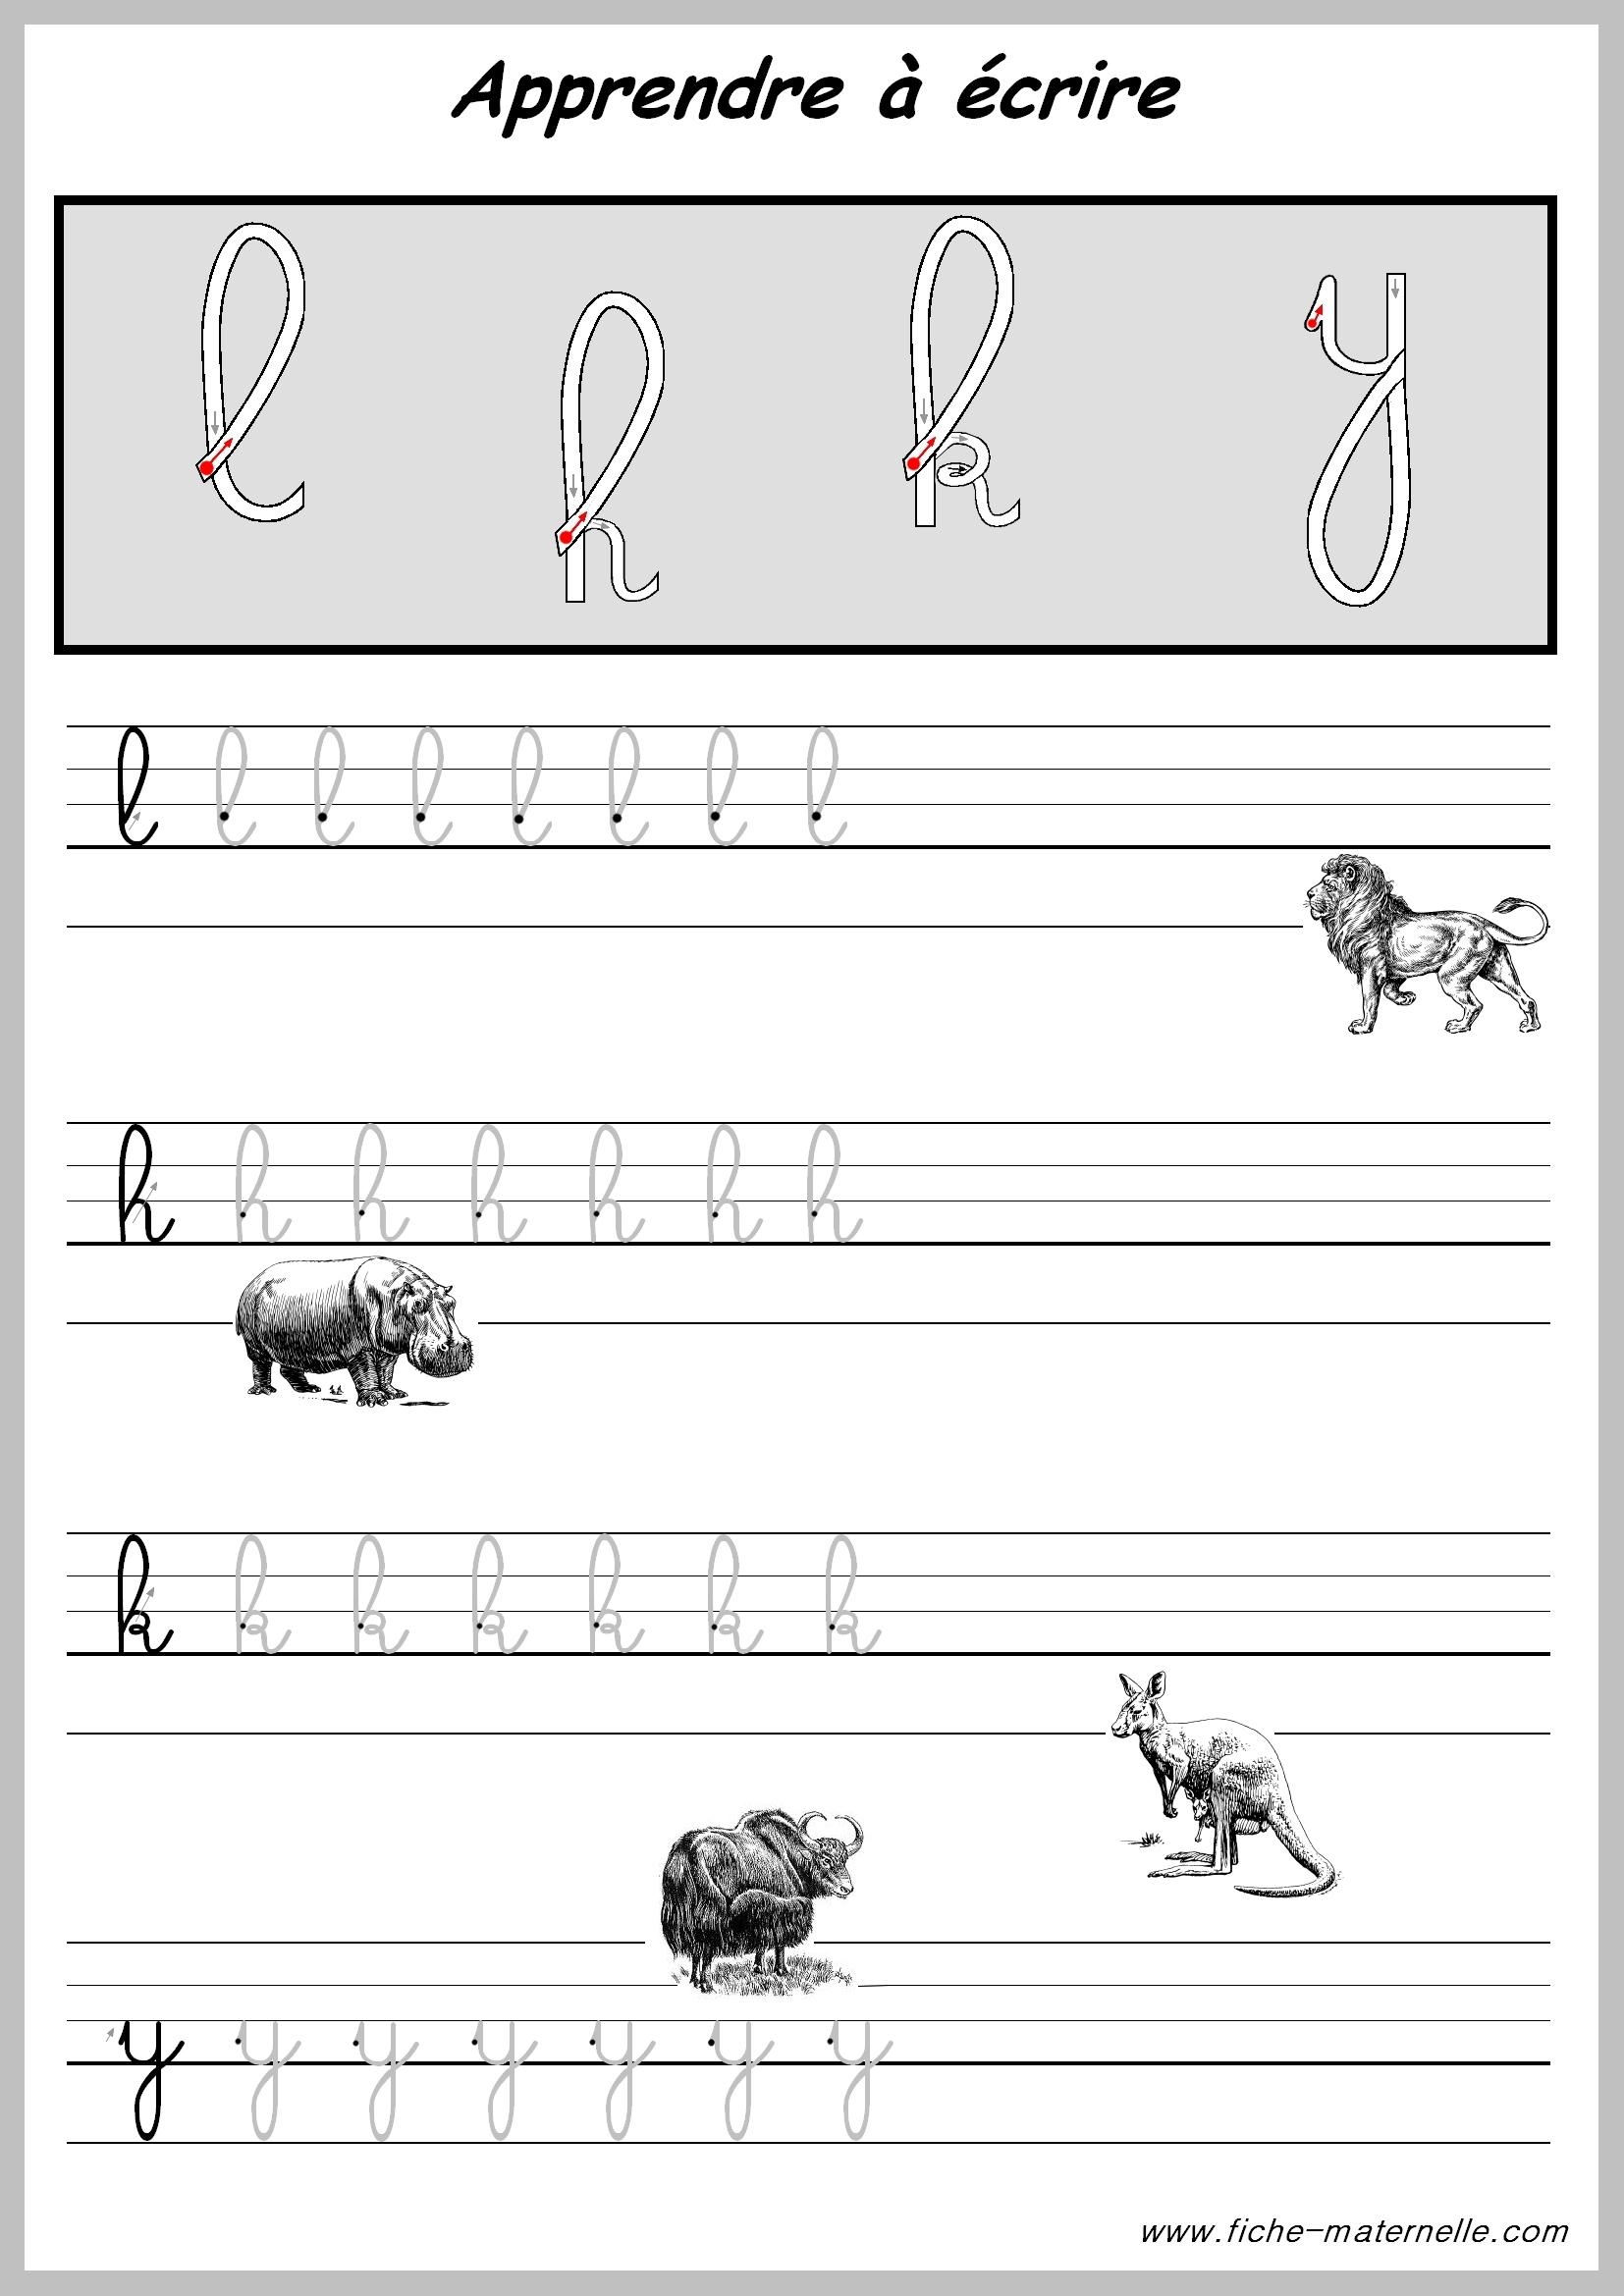 Exercices Pour Apprendre A Ecrire Les Lettres. dedans Apprendre À Écrire L Alphabet En Maternelle